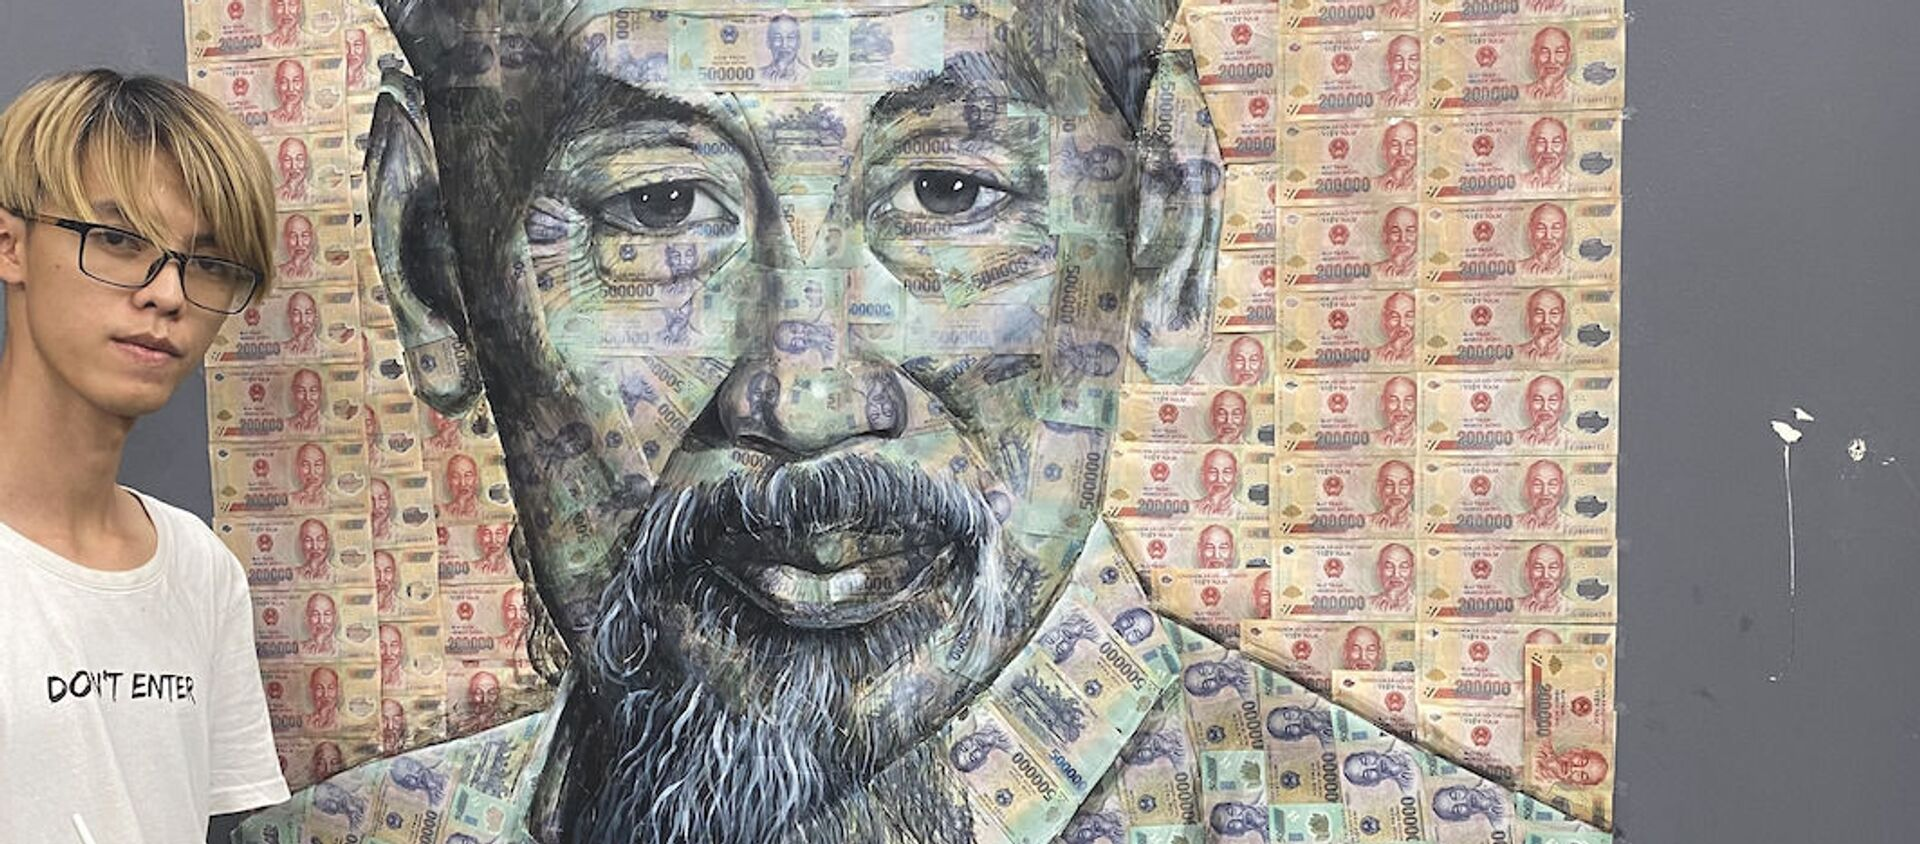 Lê Đại Phát và bức tranh Chủ tịch Hồ Chí Minh bằng tiền polymer - Sputnik Việt Nam, 1920, 12.05.2021